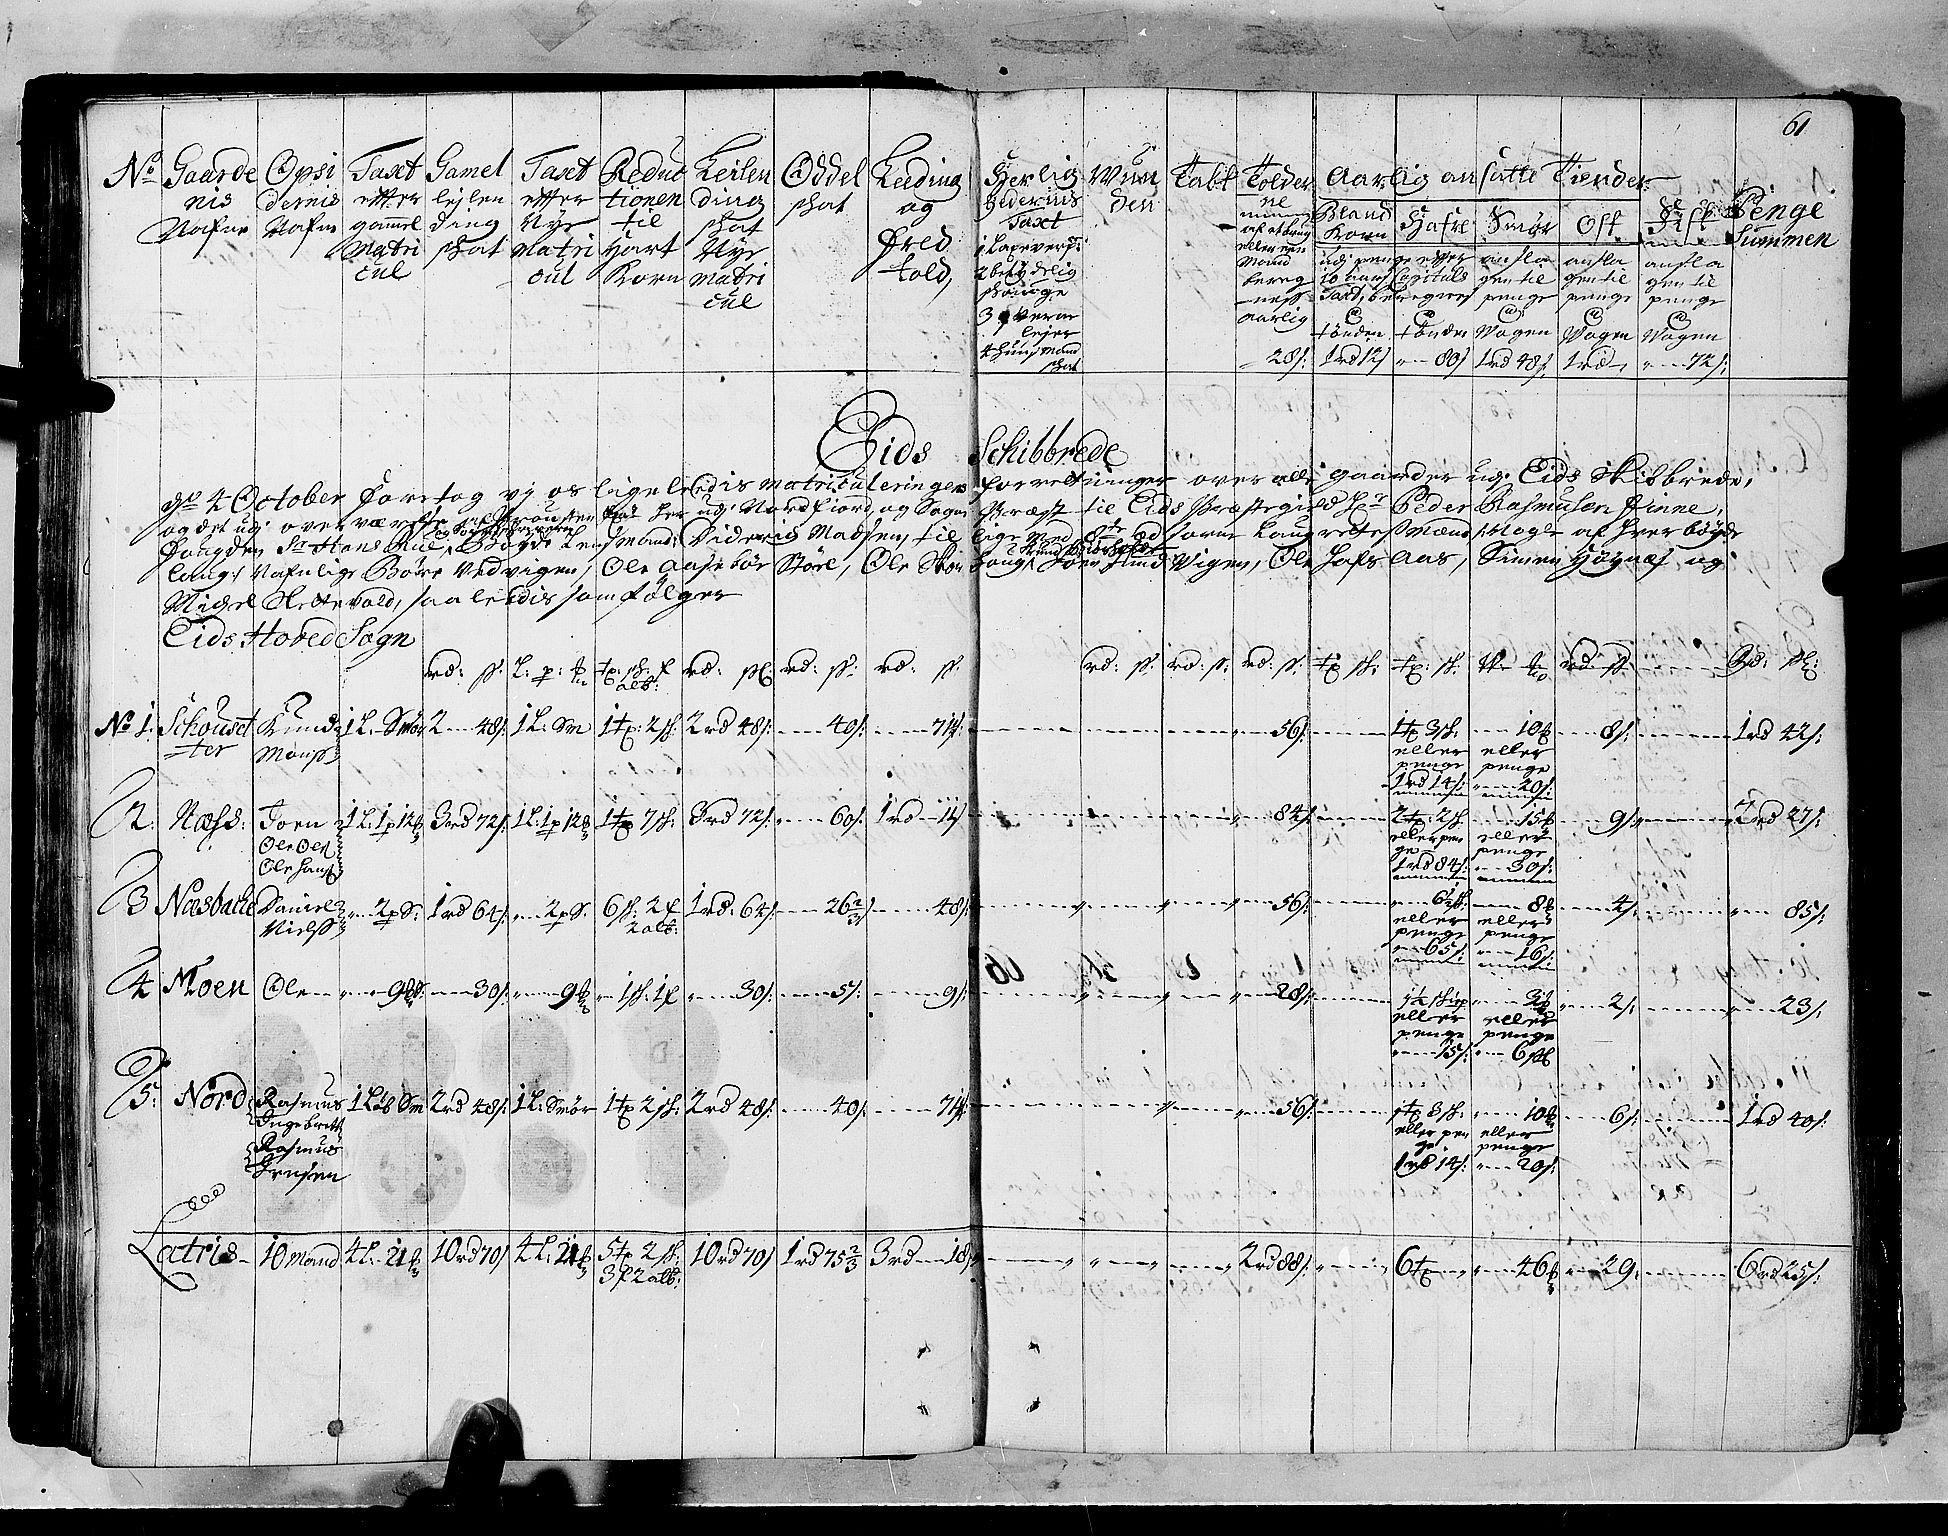 RA, Rentekammeret inntil 1814, Realistisk ordnet avdeling, N/Nb/Nbf/L0147: Sunnfjord og Nordfjord matrikkelprotokoll, 1723, s. 60b-61a